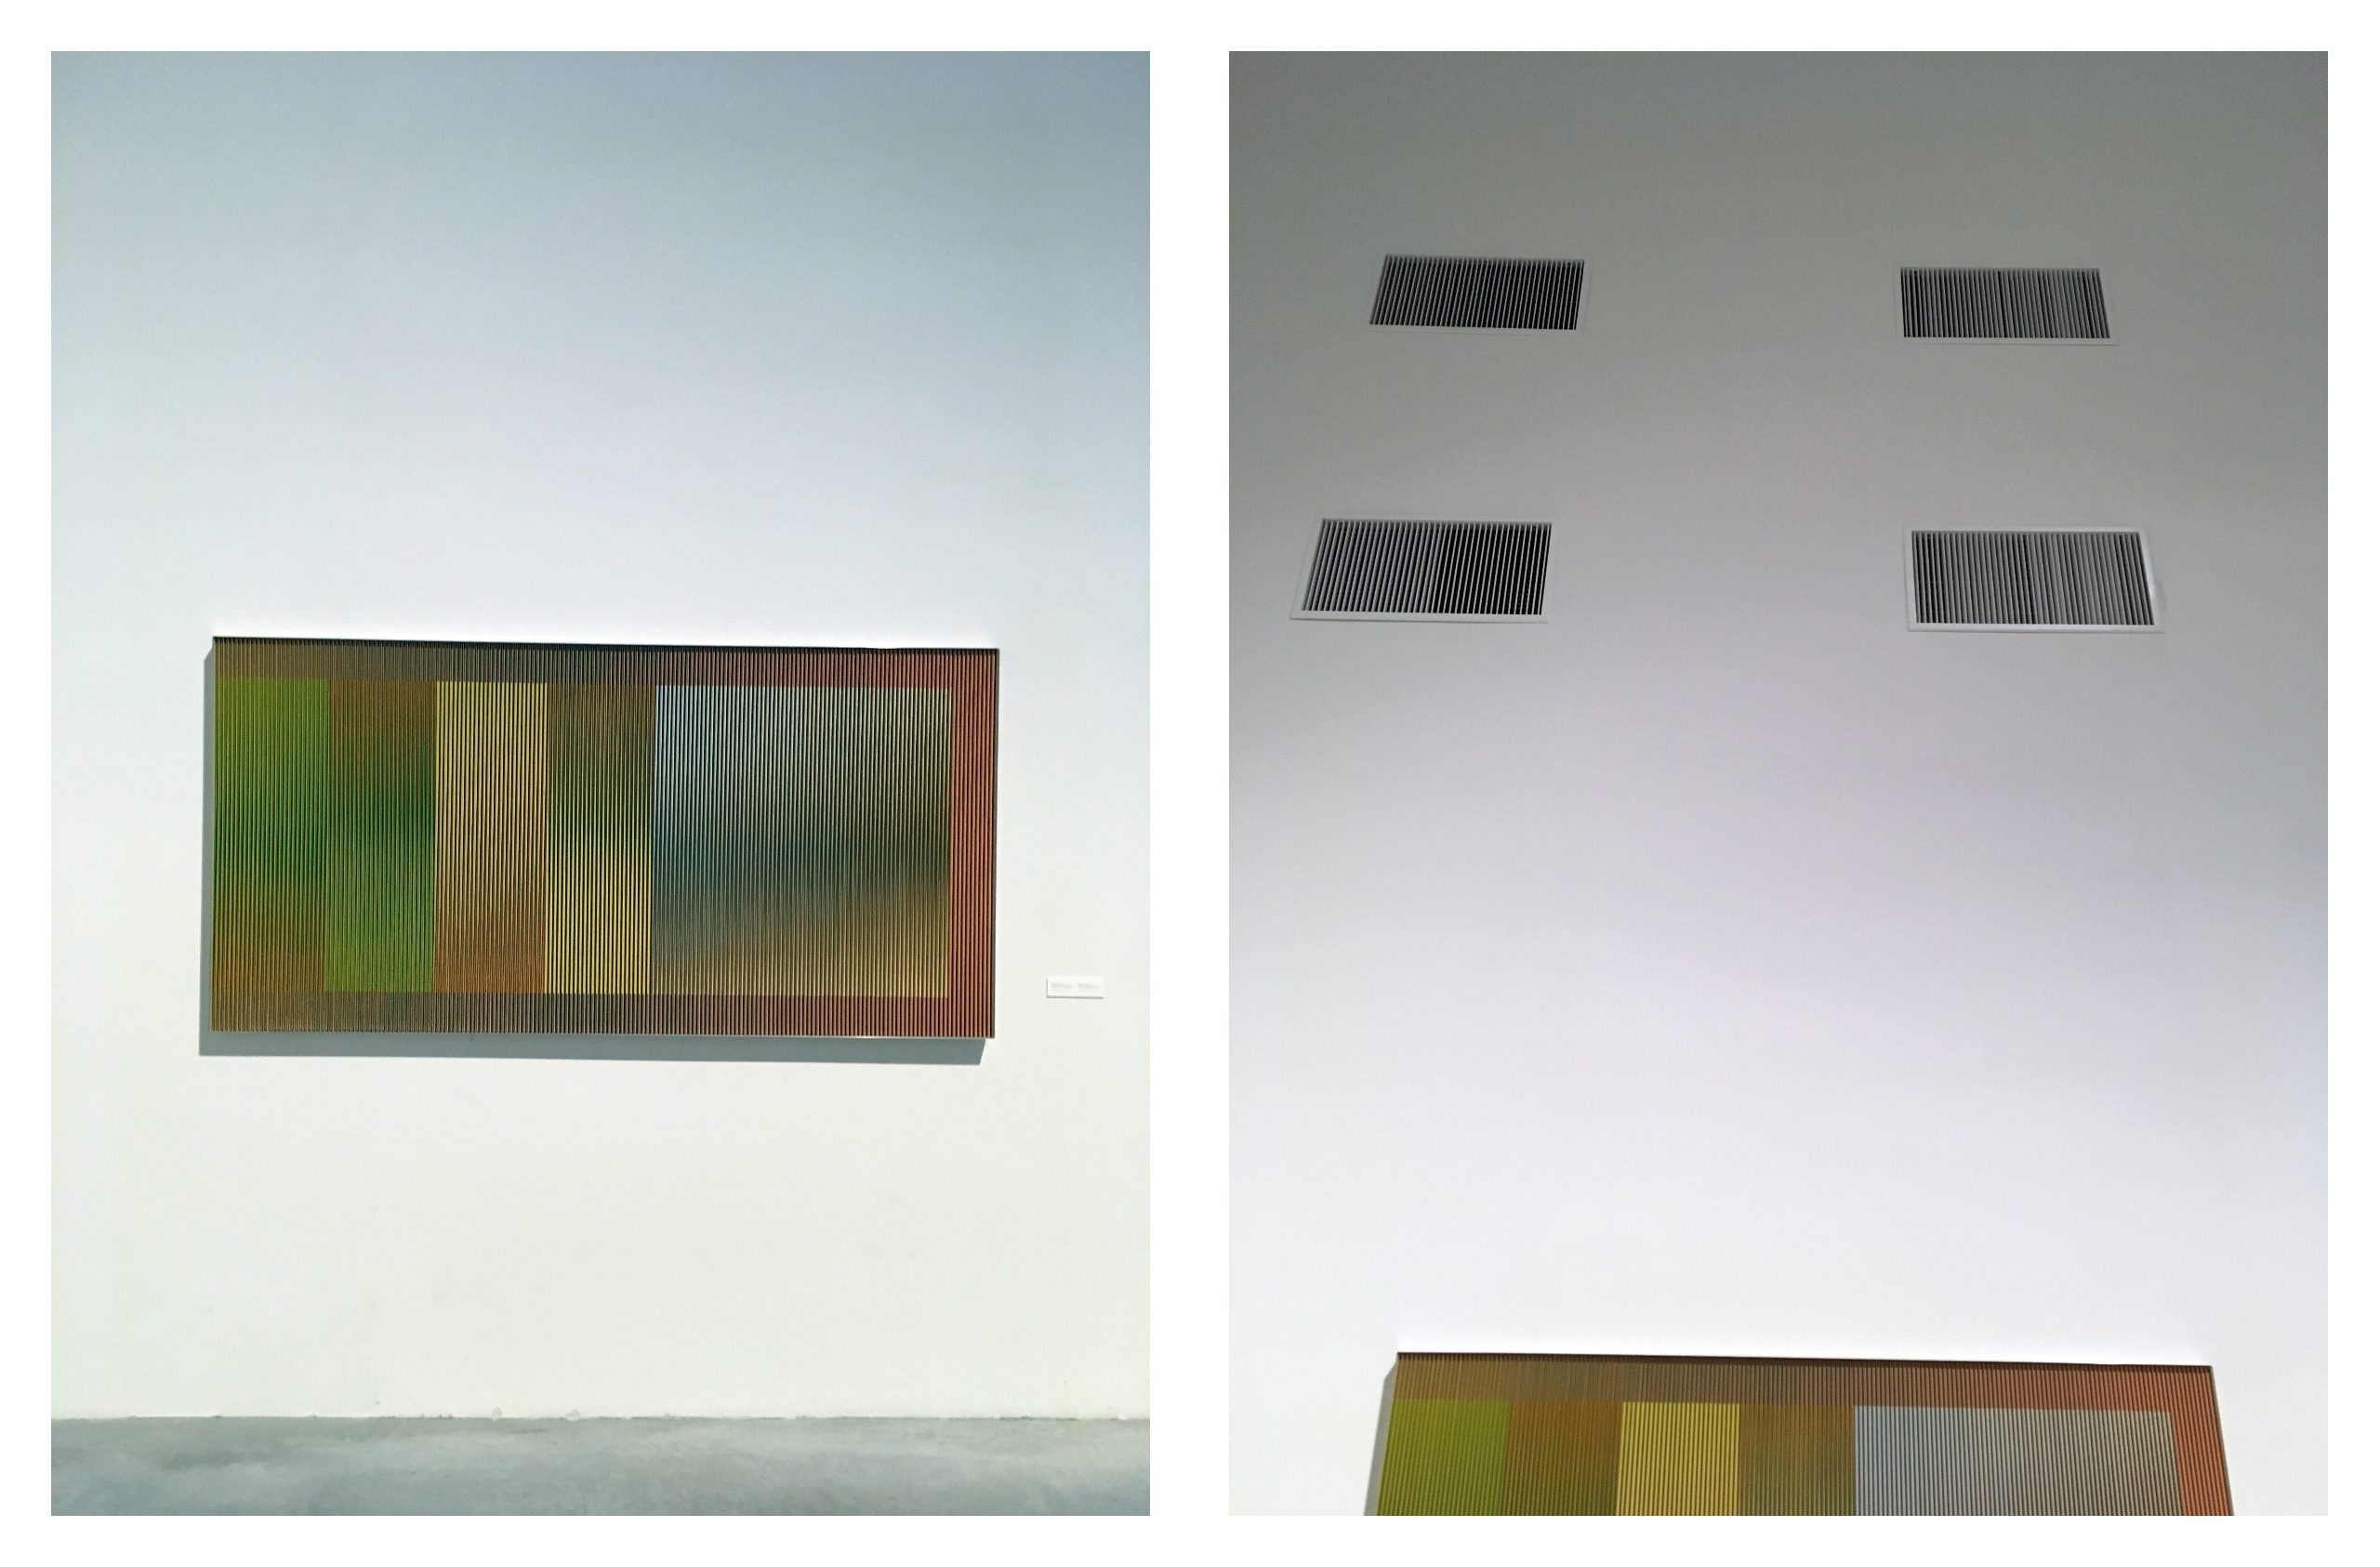 Obraz przedstawia dwa zdjęcia, które ukazują obraz znanego artysty zawieszony na białej ścianie.